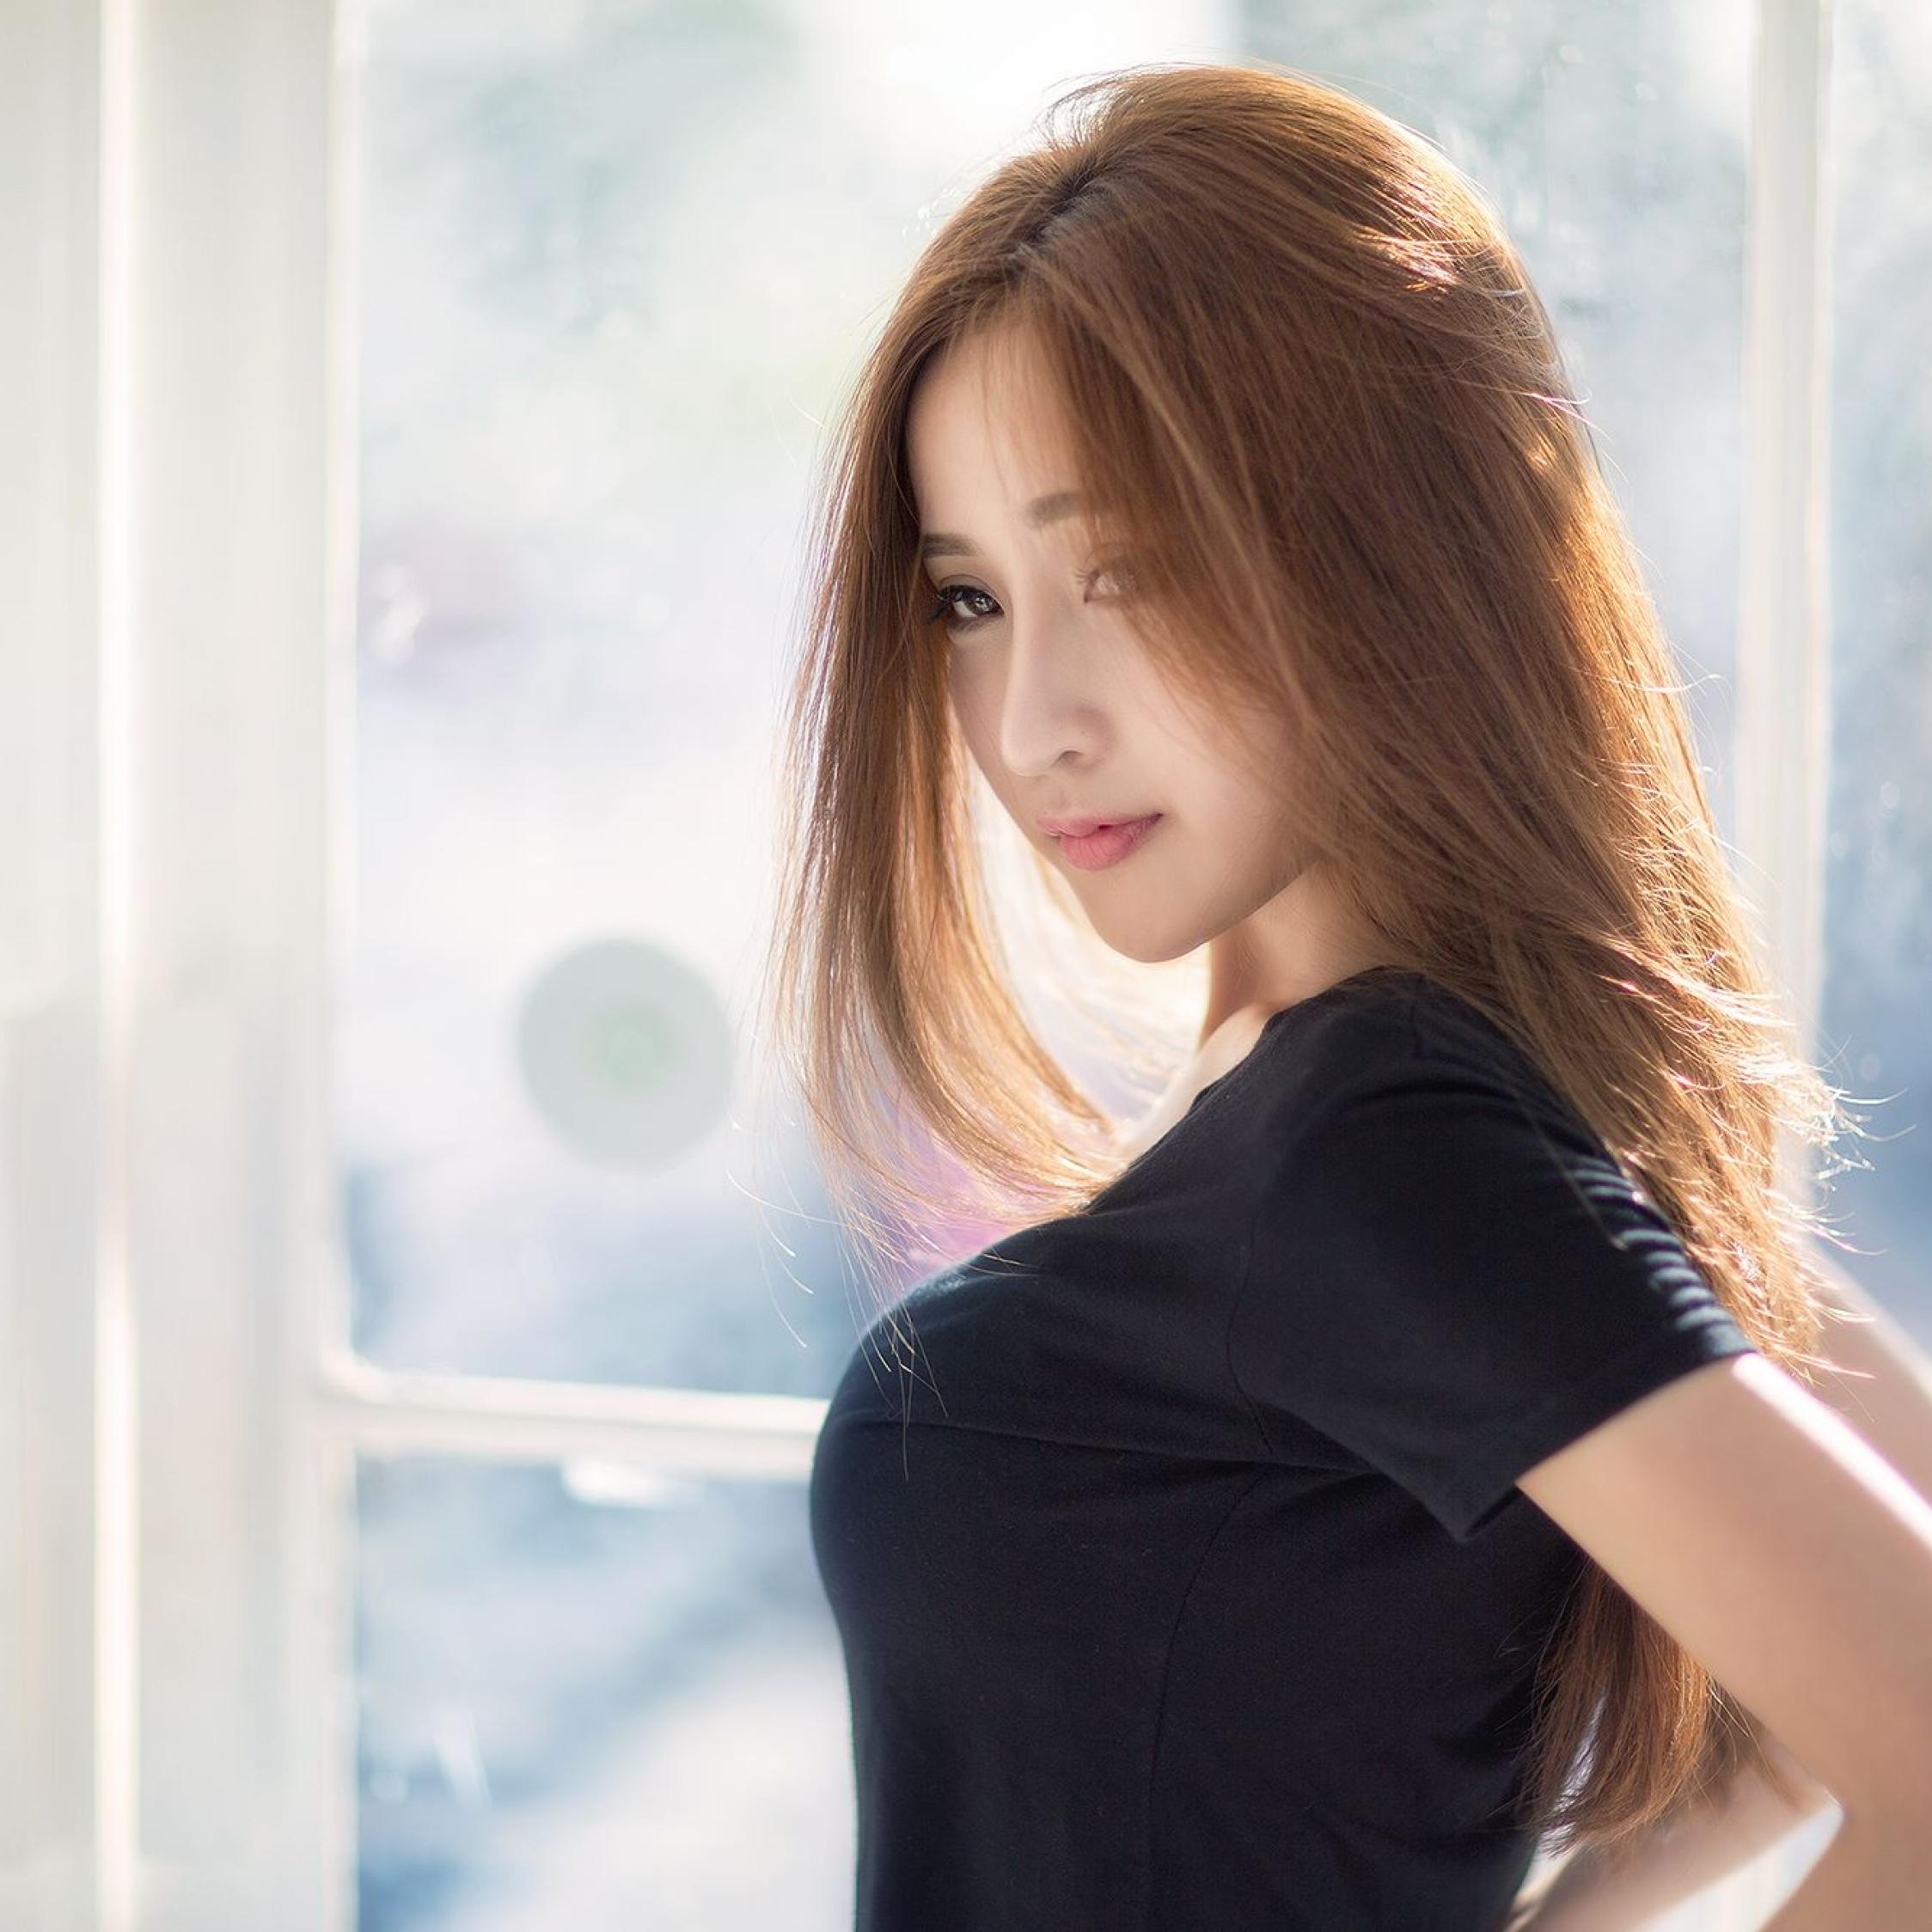 Asian Hot Girl, Full Hd 2K Wallpaper-6781